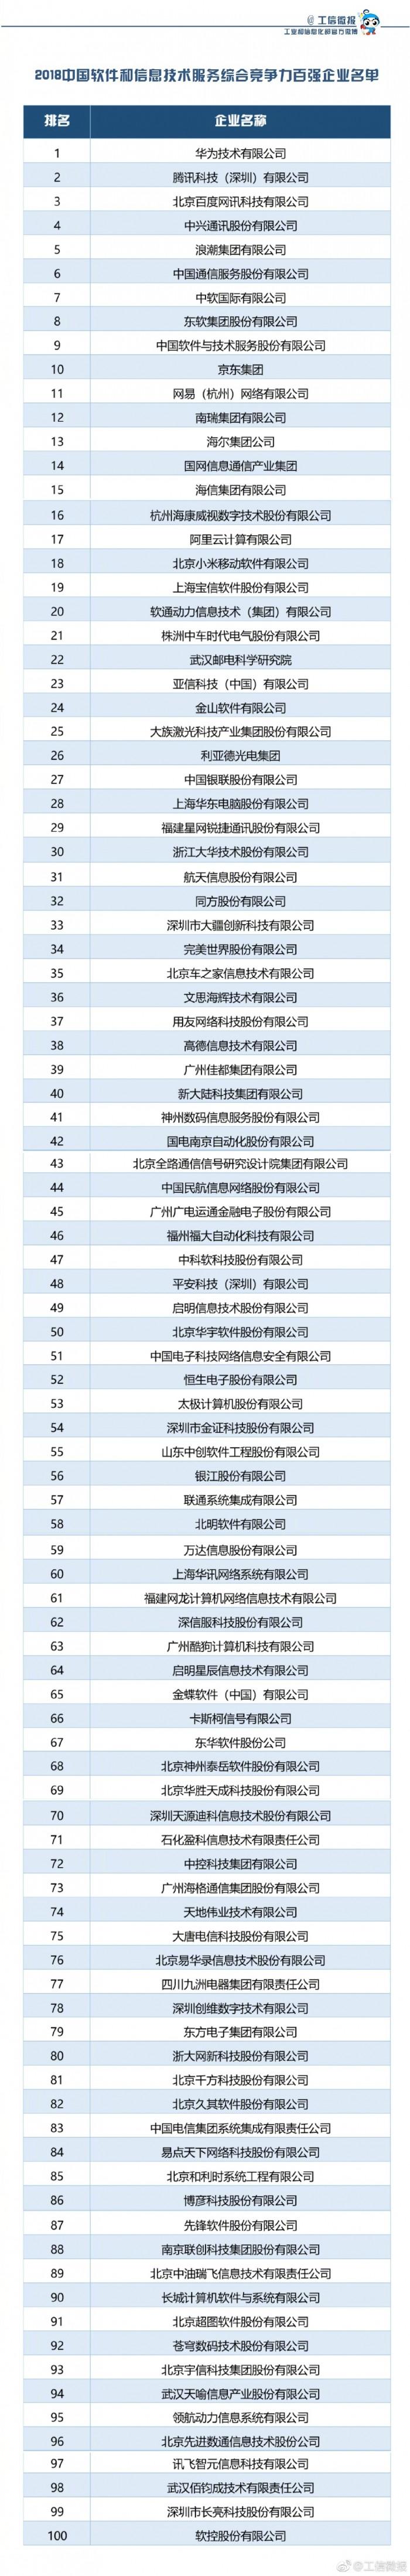 2018年中国软件百强榜:华为腾讯百度居前三